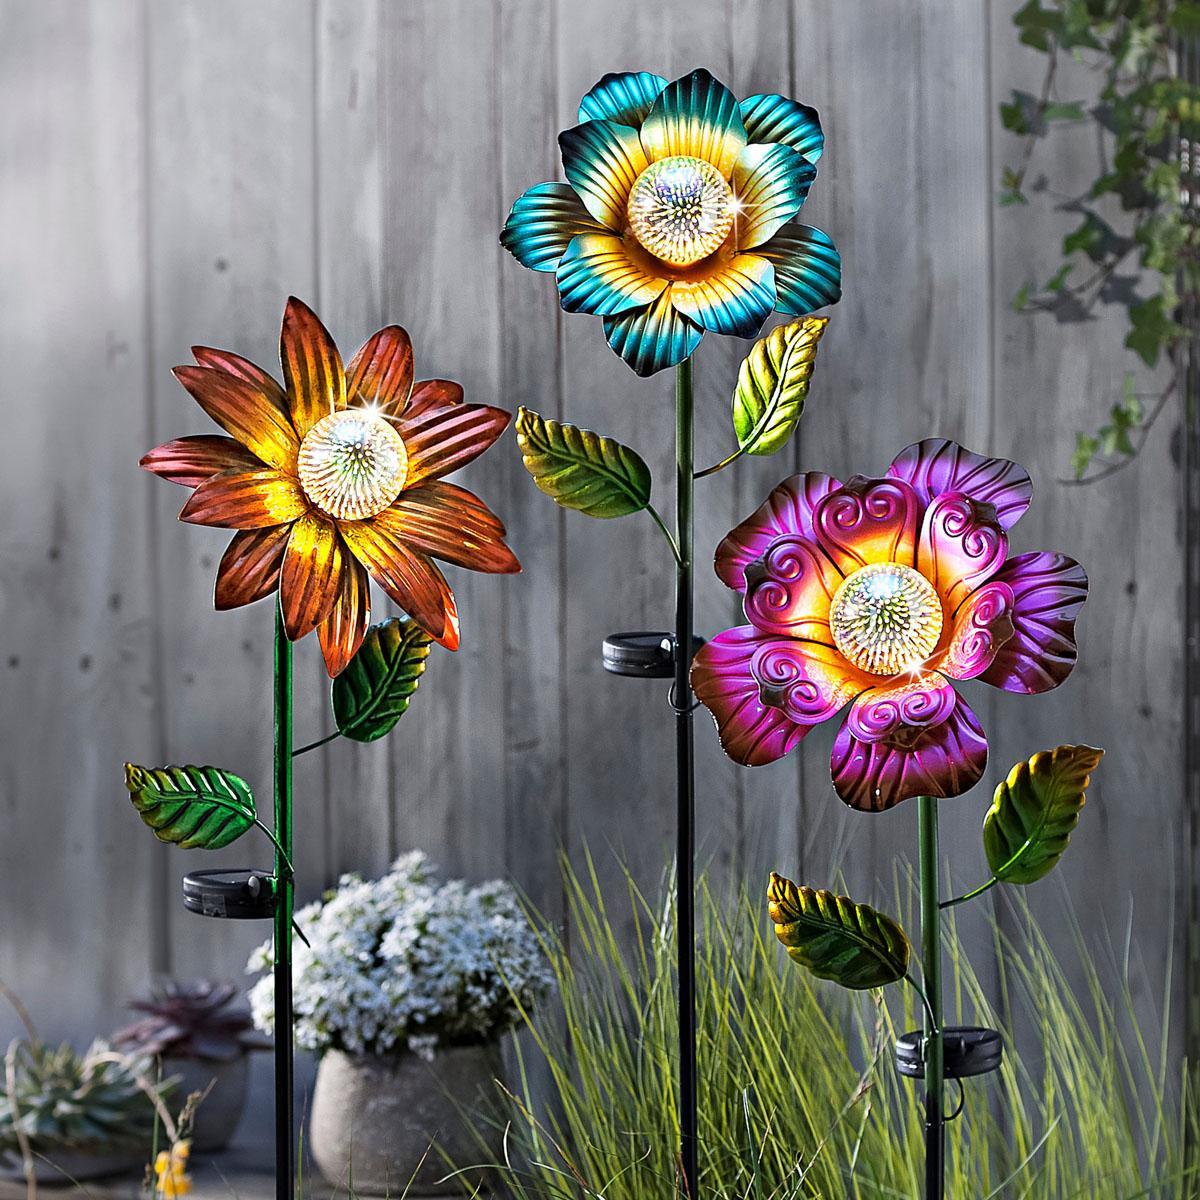 Solárny záhradný zápich Kvet Emócie, súprava 3 ks